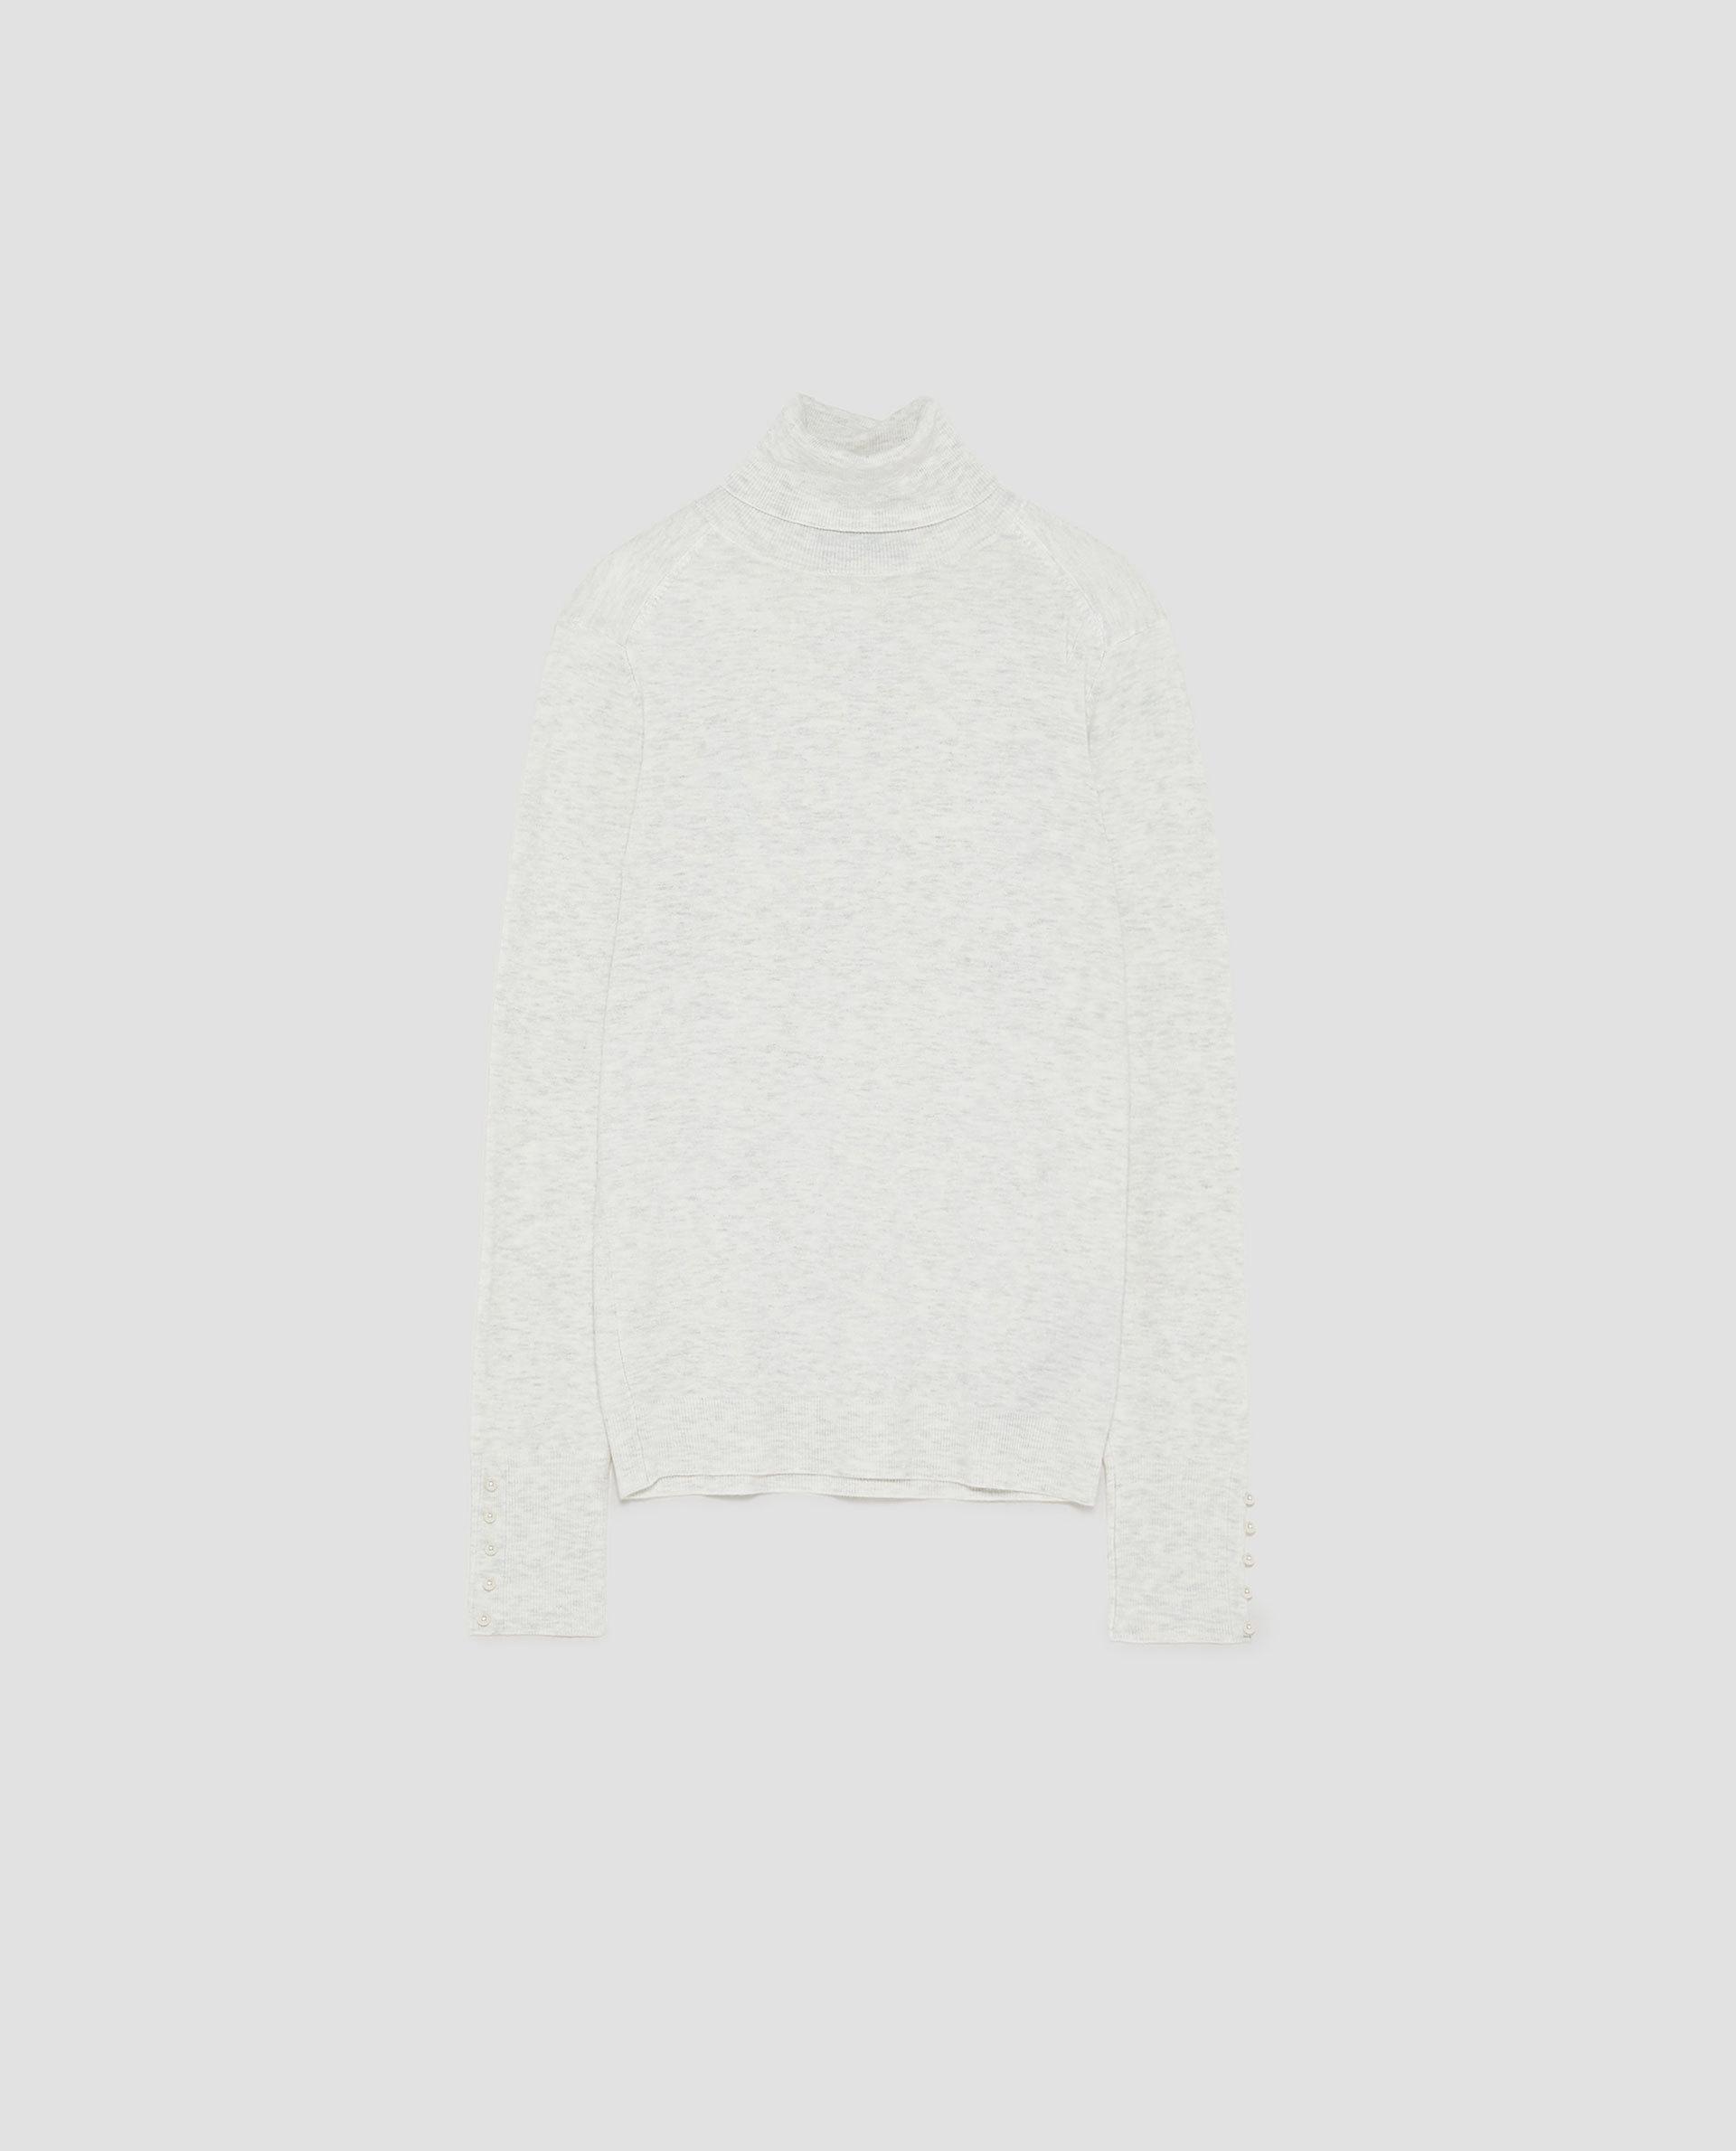 Jersey de cuello alto en gris claro, ZARA (19,95 euros)